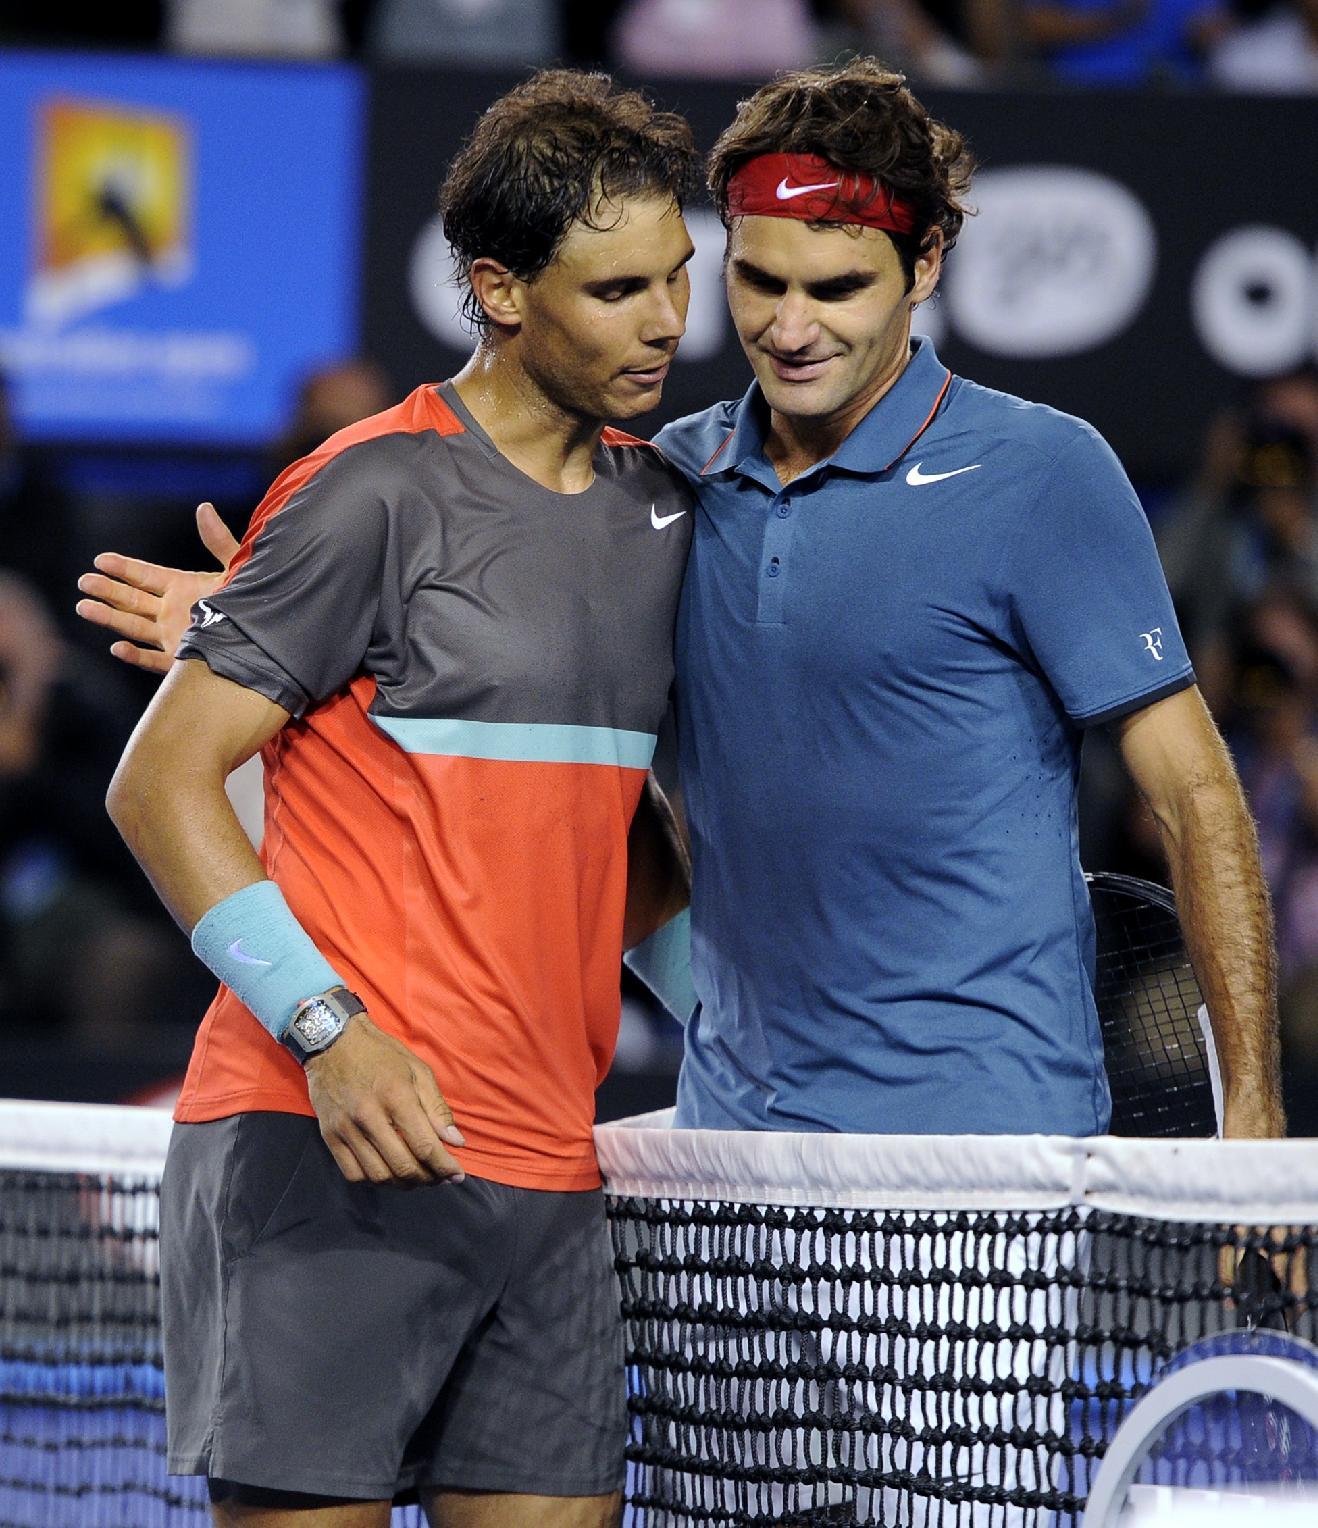 Nadal beats Federer, reaches Australian Open final